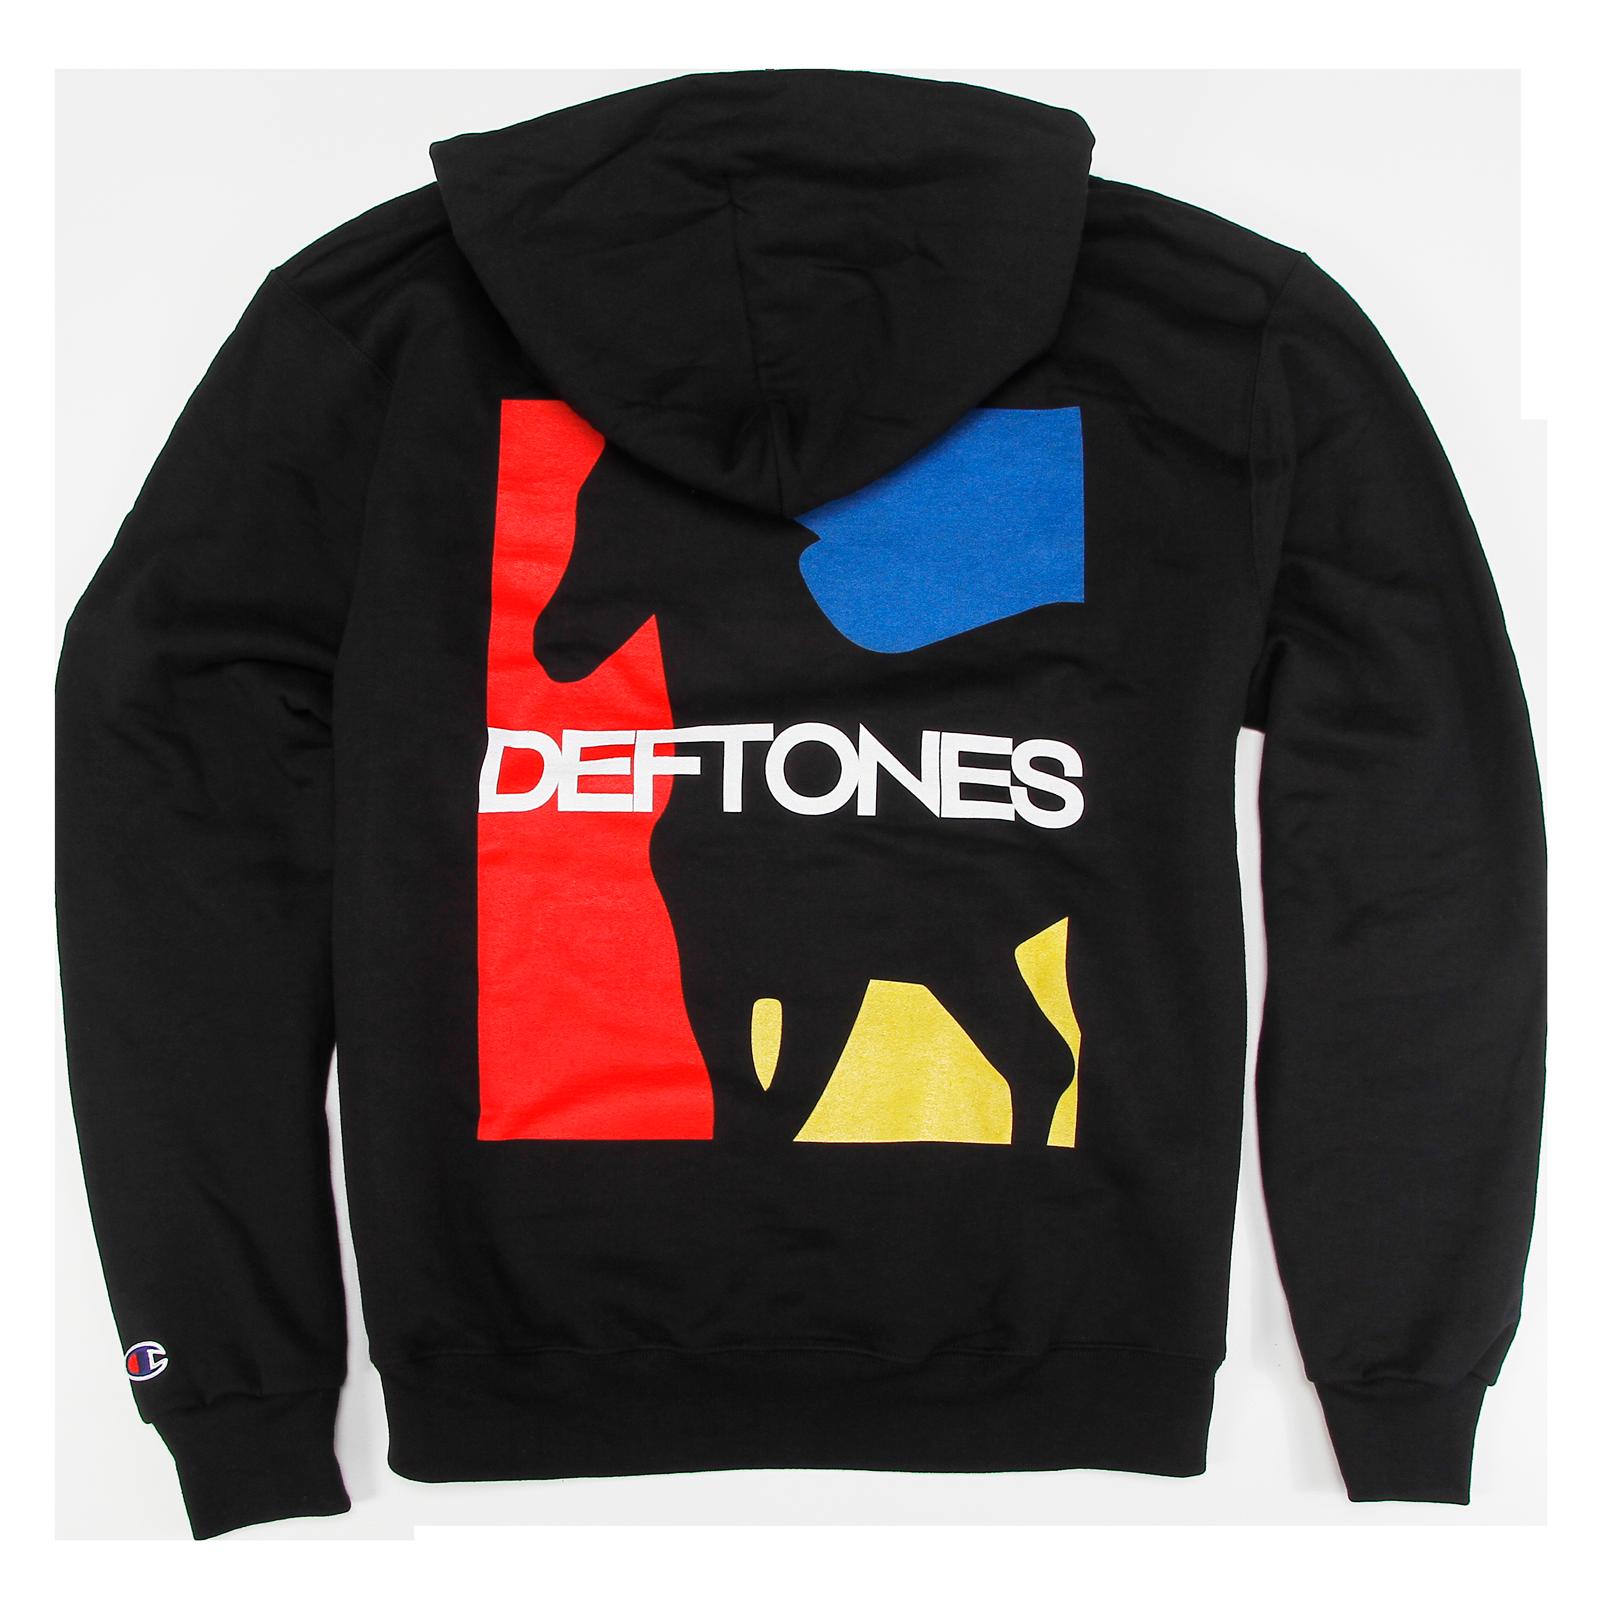 Deftones Merch Black Pullovers Pullover T Shirts S [ 1599 x 1600 Pixel ]